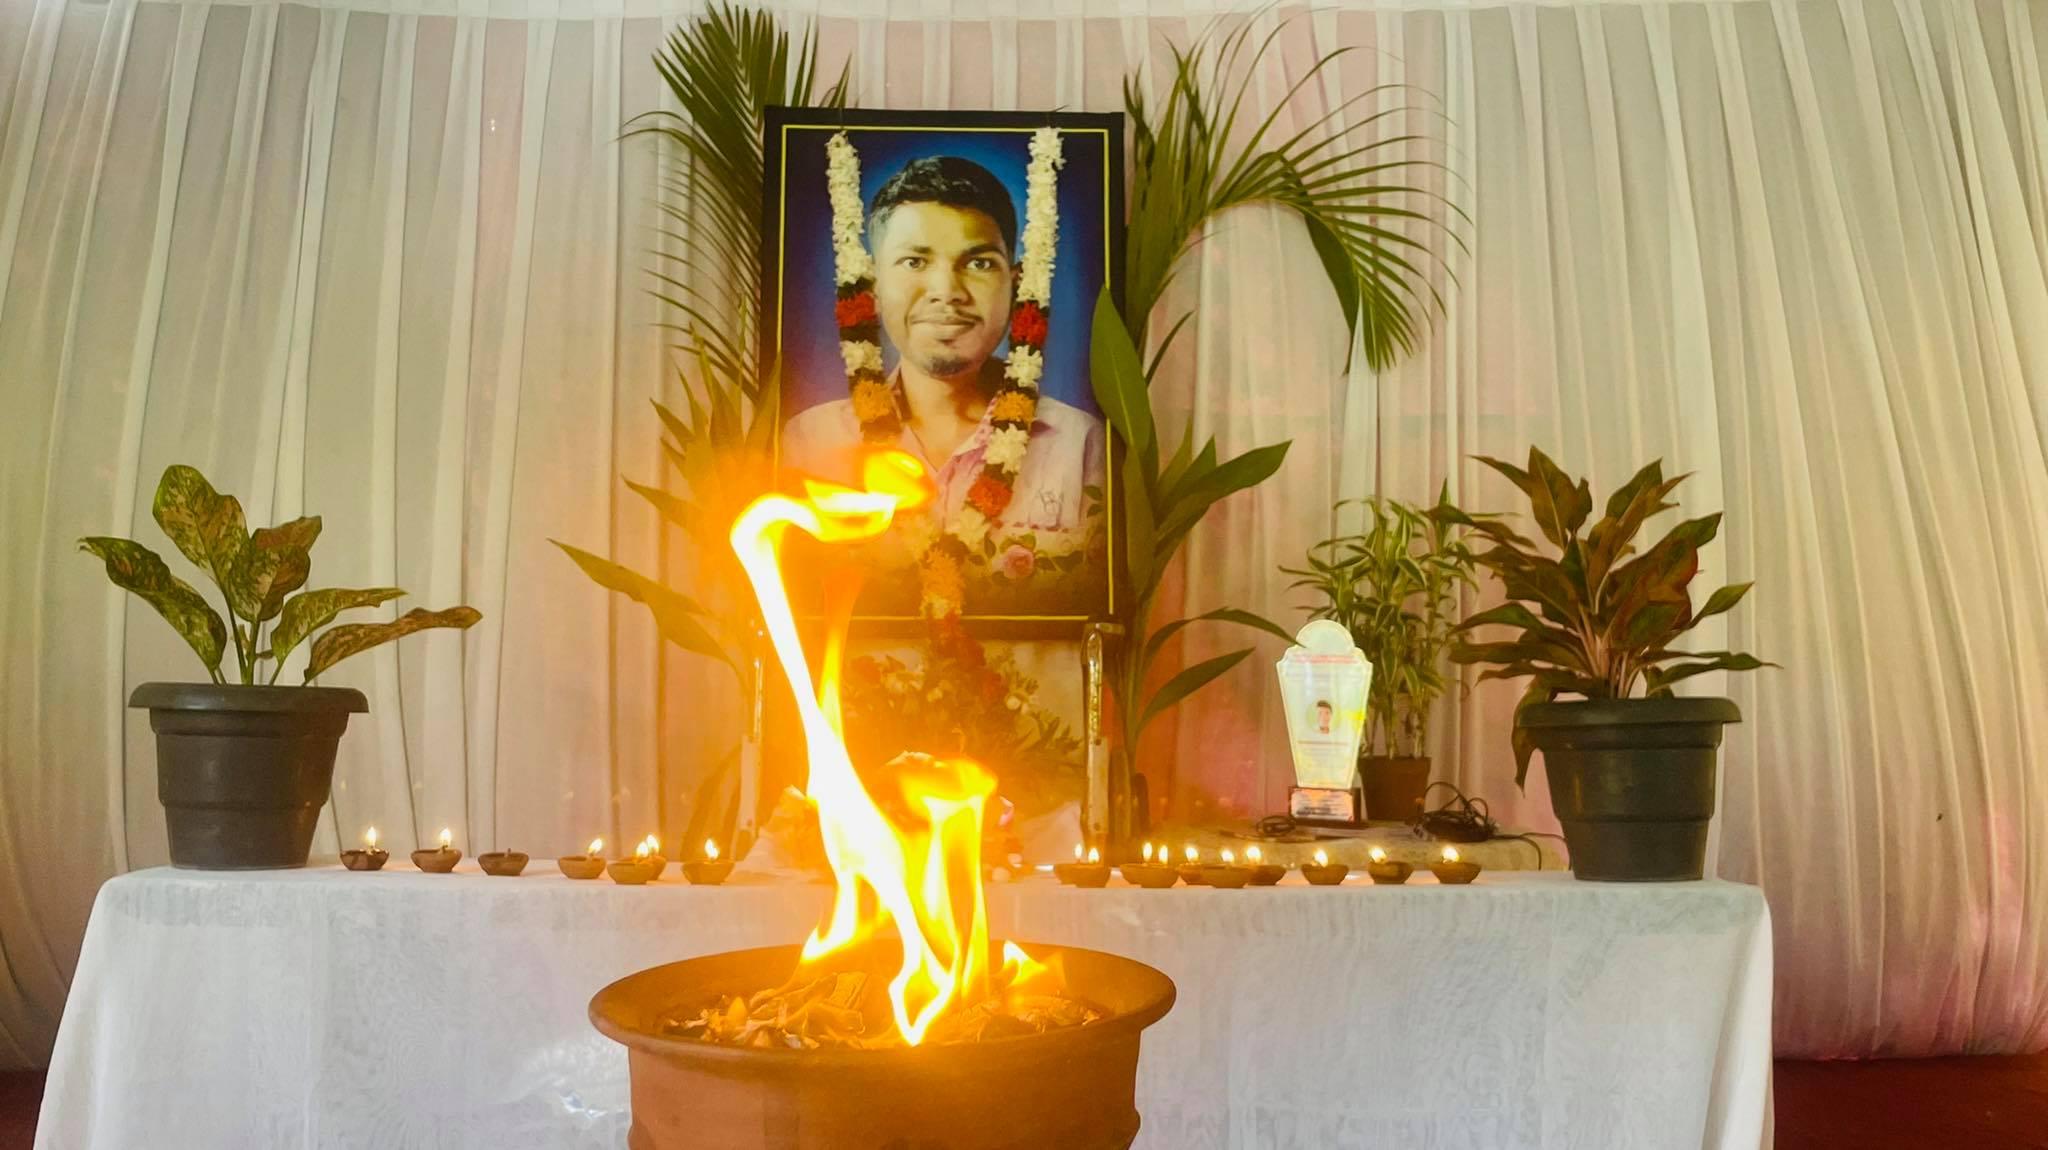 மறைந்த சுயாதீன ஊடகவியலாளர் ஞா. பிரகாஸின் 45ஆம் நாள் நினைவு நாள்